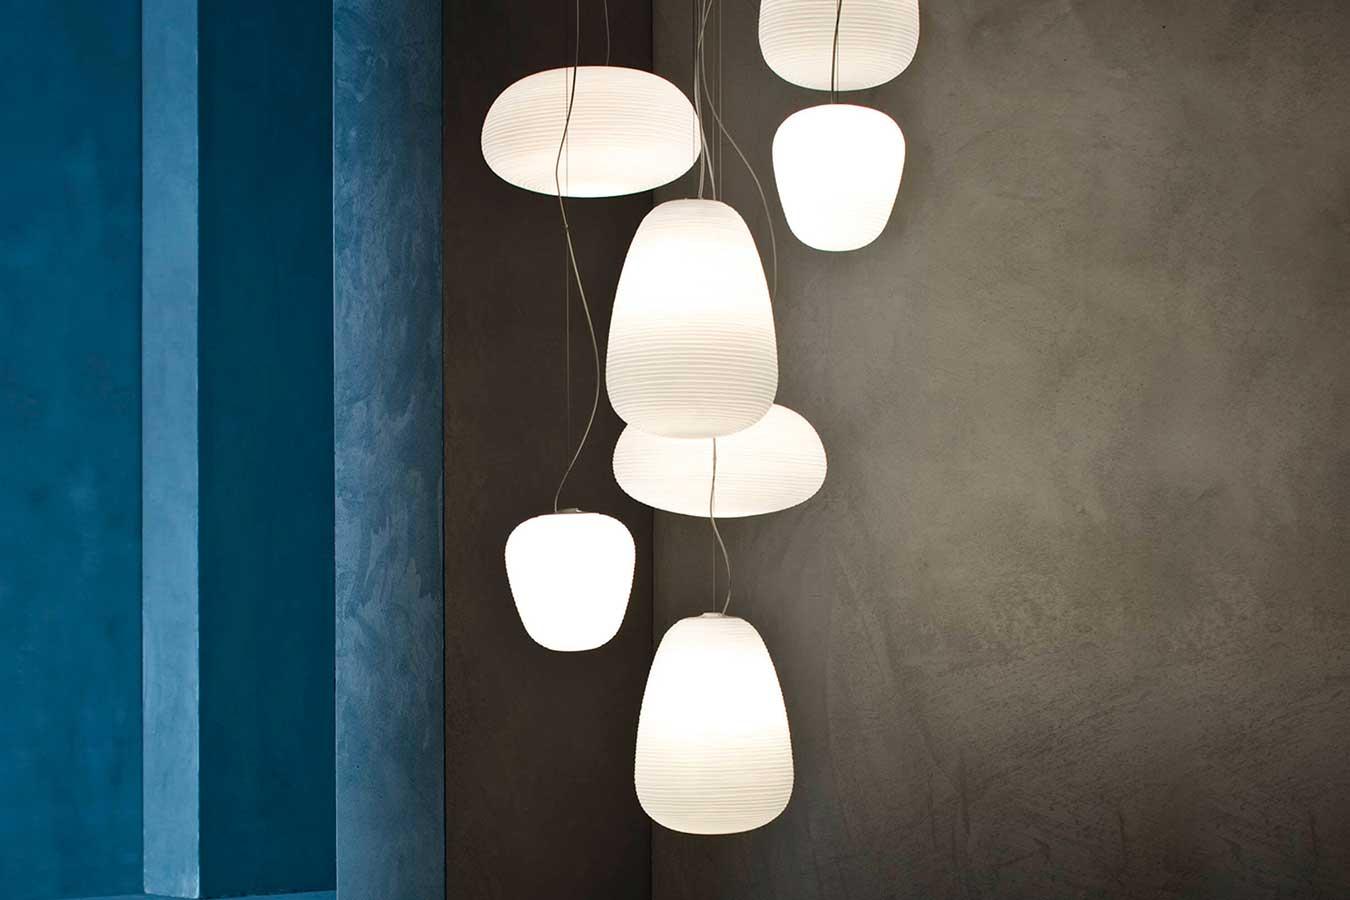 Iluminacion-Foscarini-Studiomodo